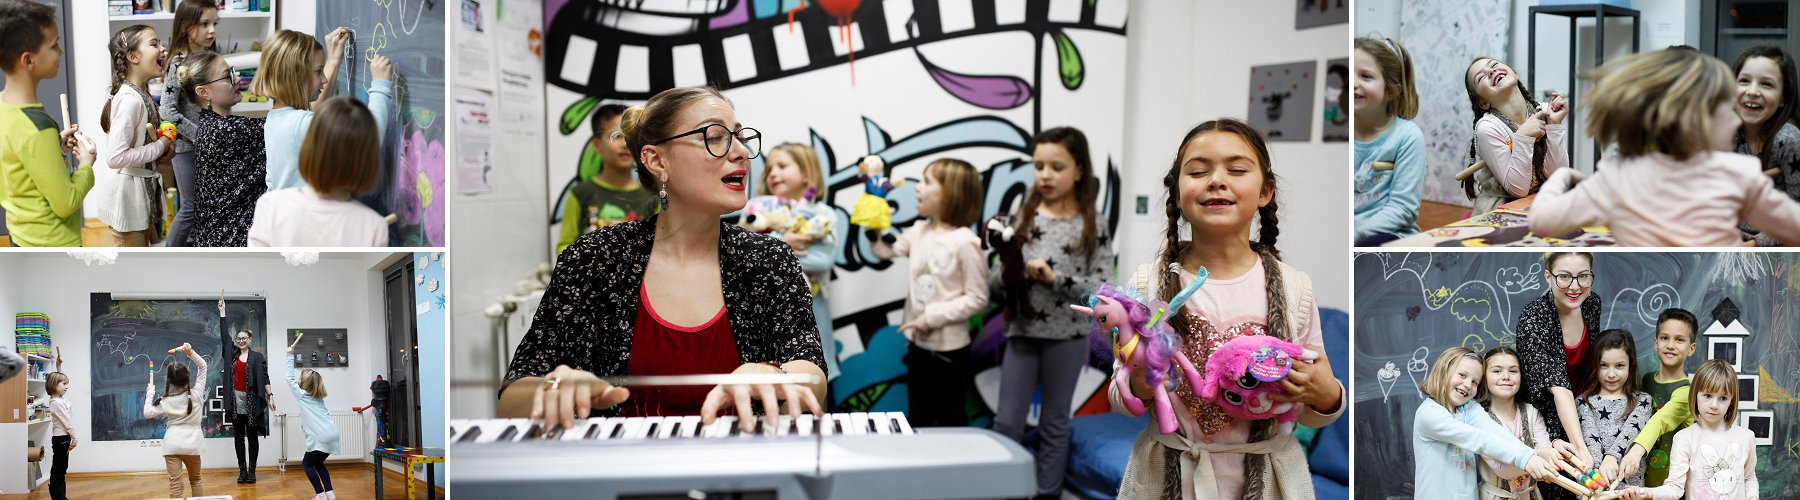 glazbene radionice i radionice pjevanja